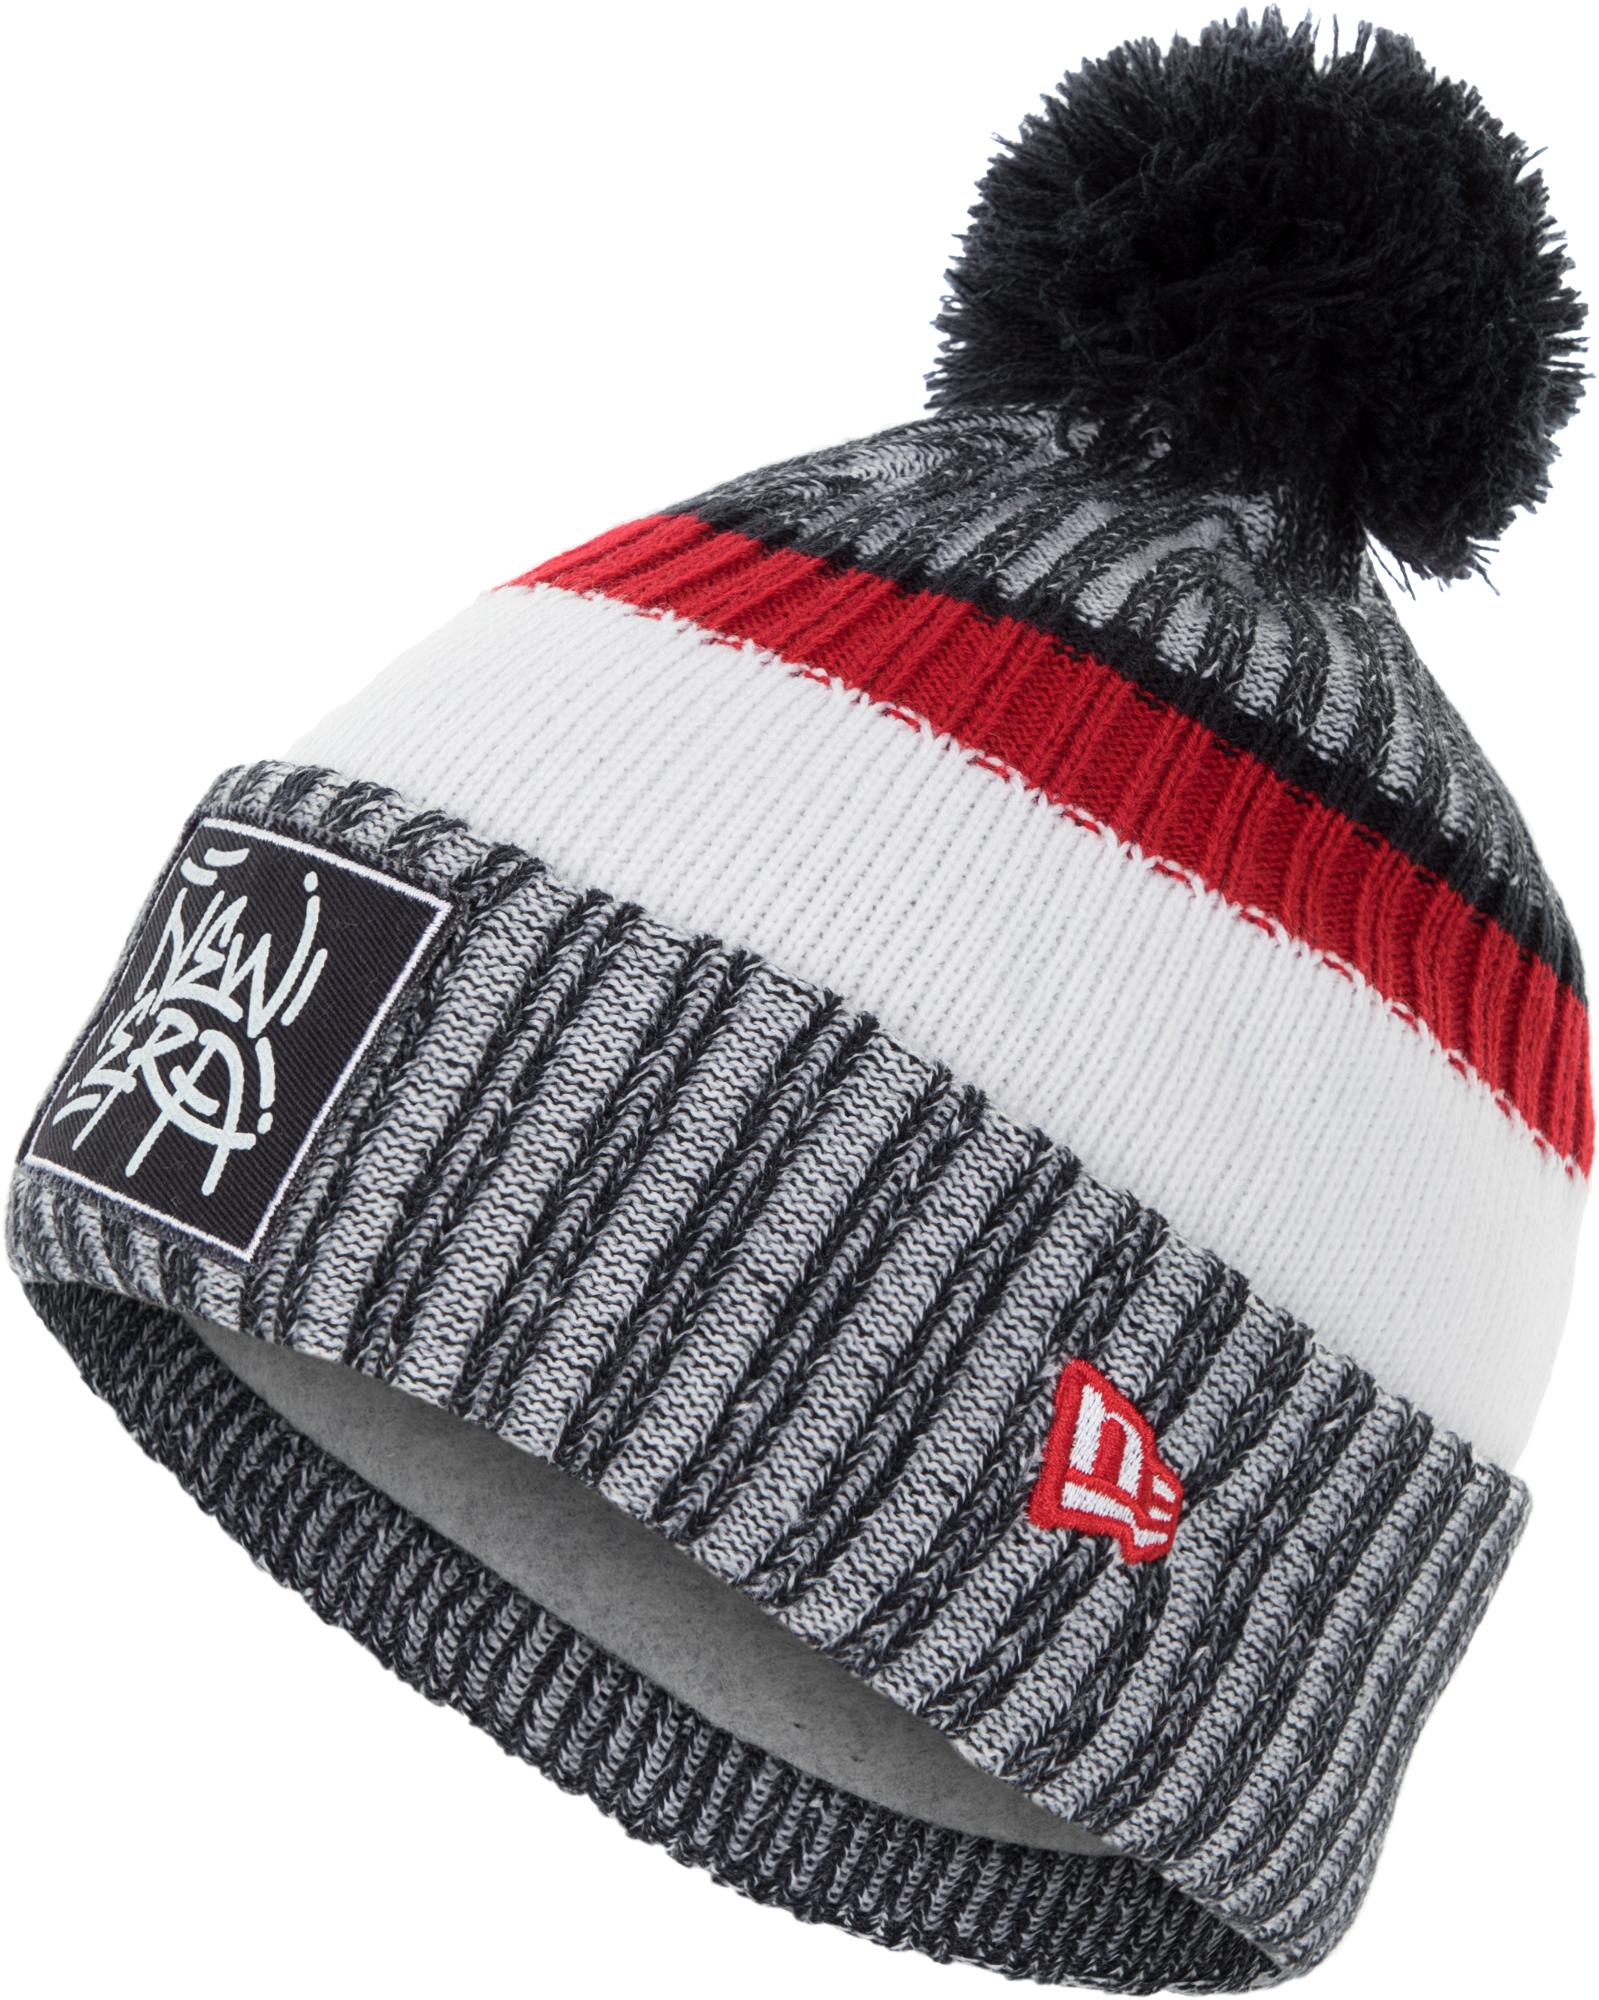 New Era Шапка для мальчиков New Era, размер 54-55 new era шапка для мальчиков new era ne cuff pom размер 54 55